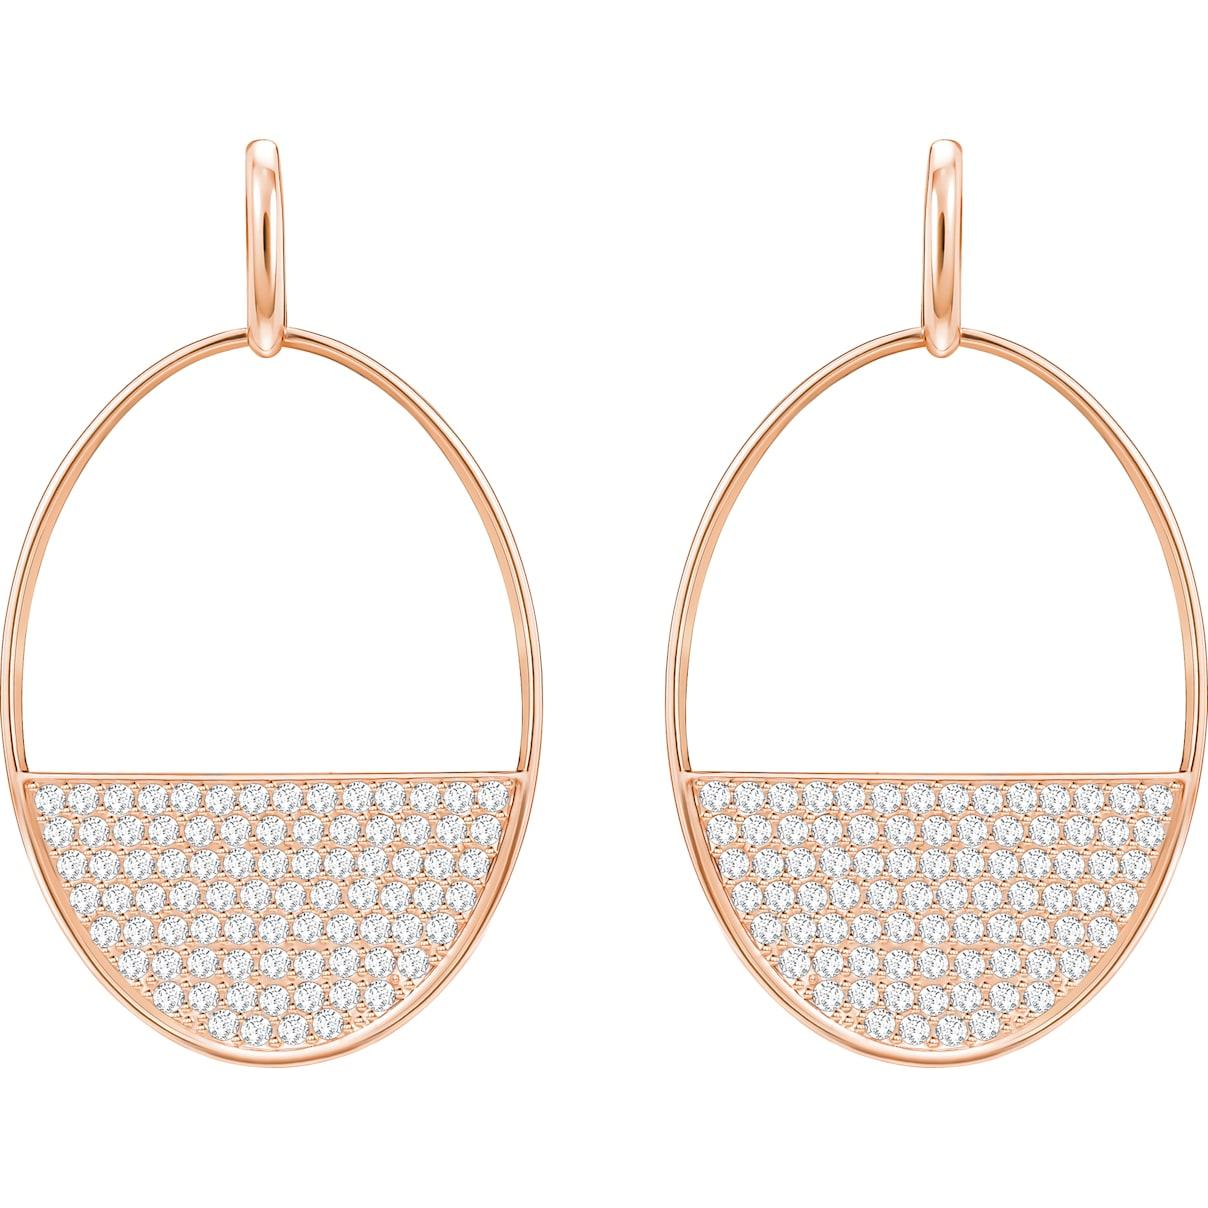 Swarovski Ginger Pierced Earrings, White, Rose-gold tone plated